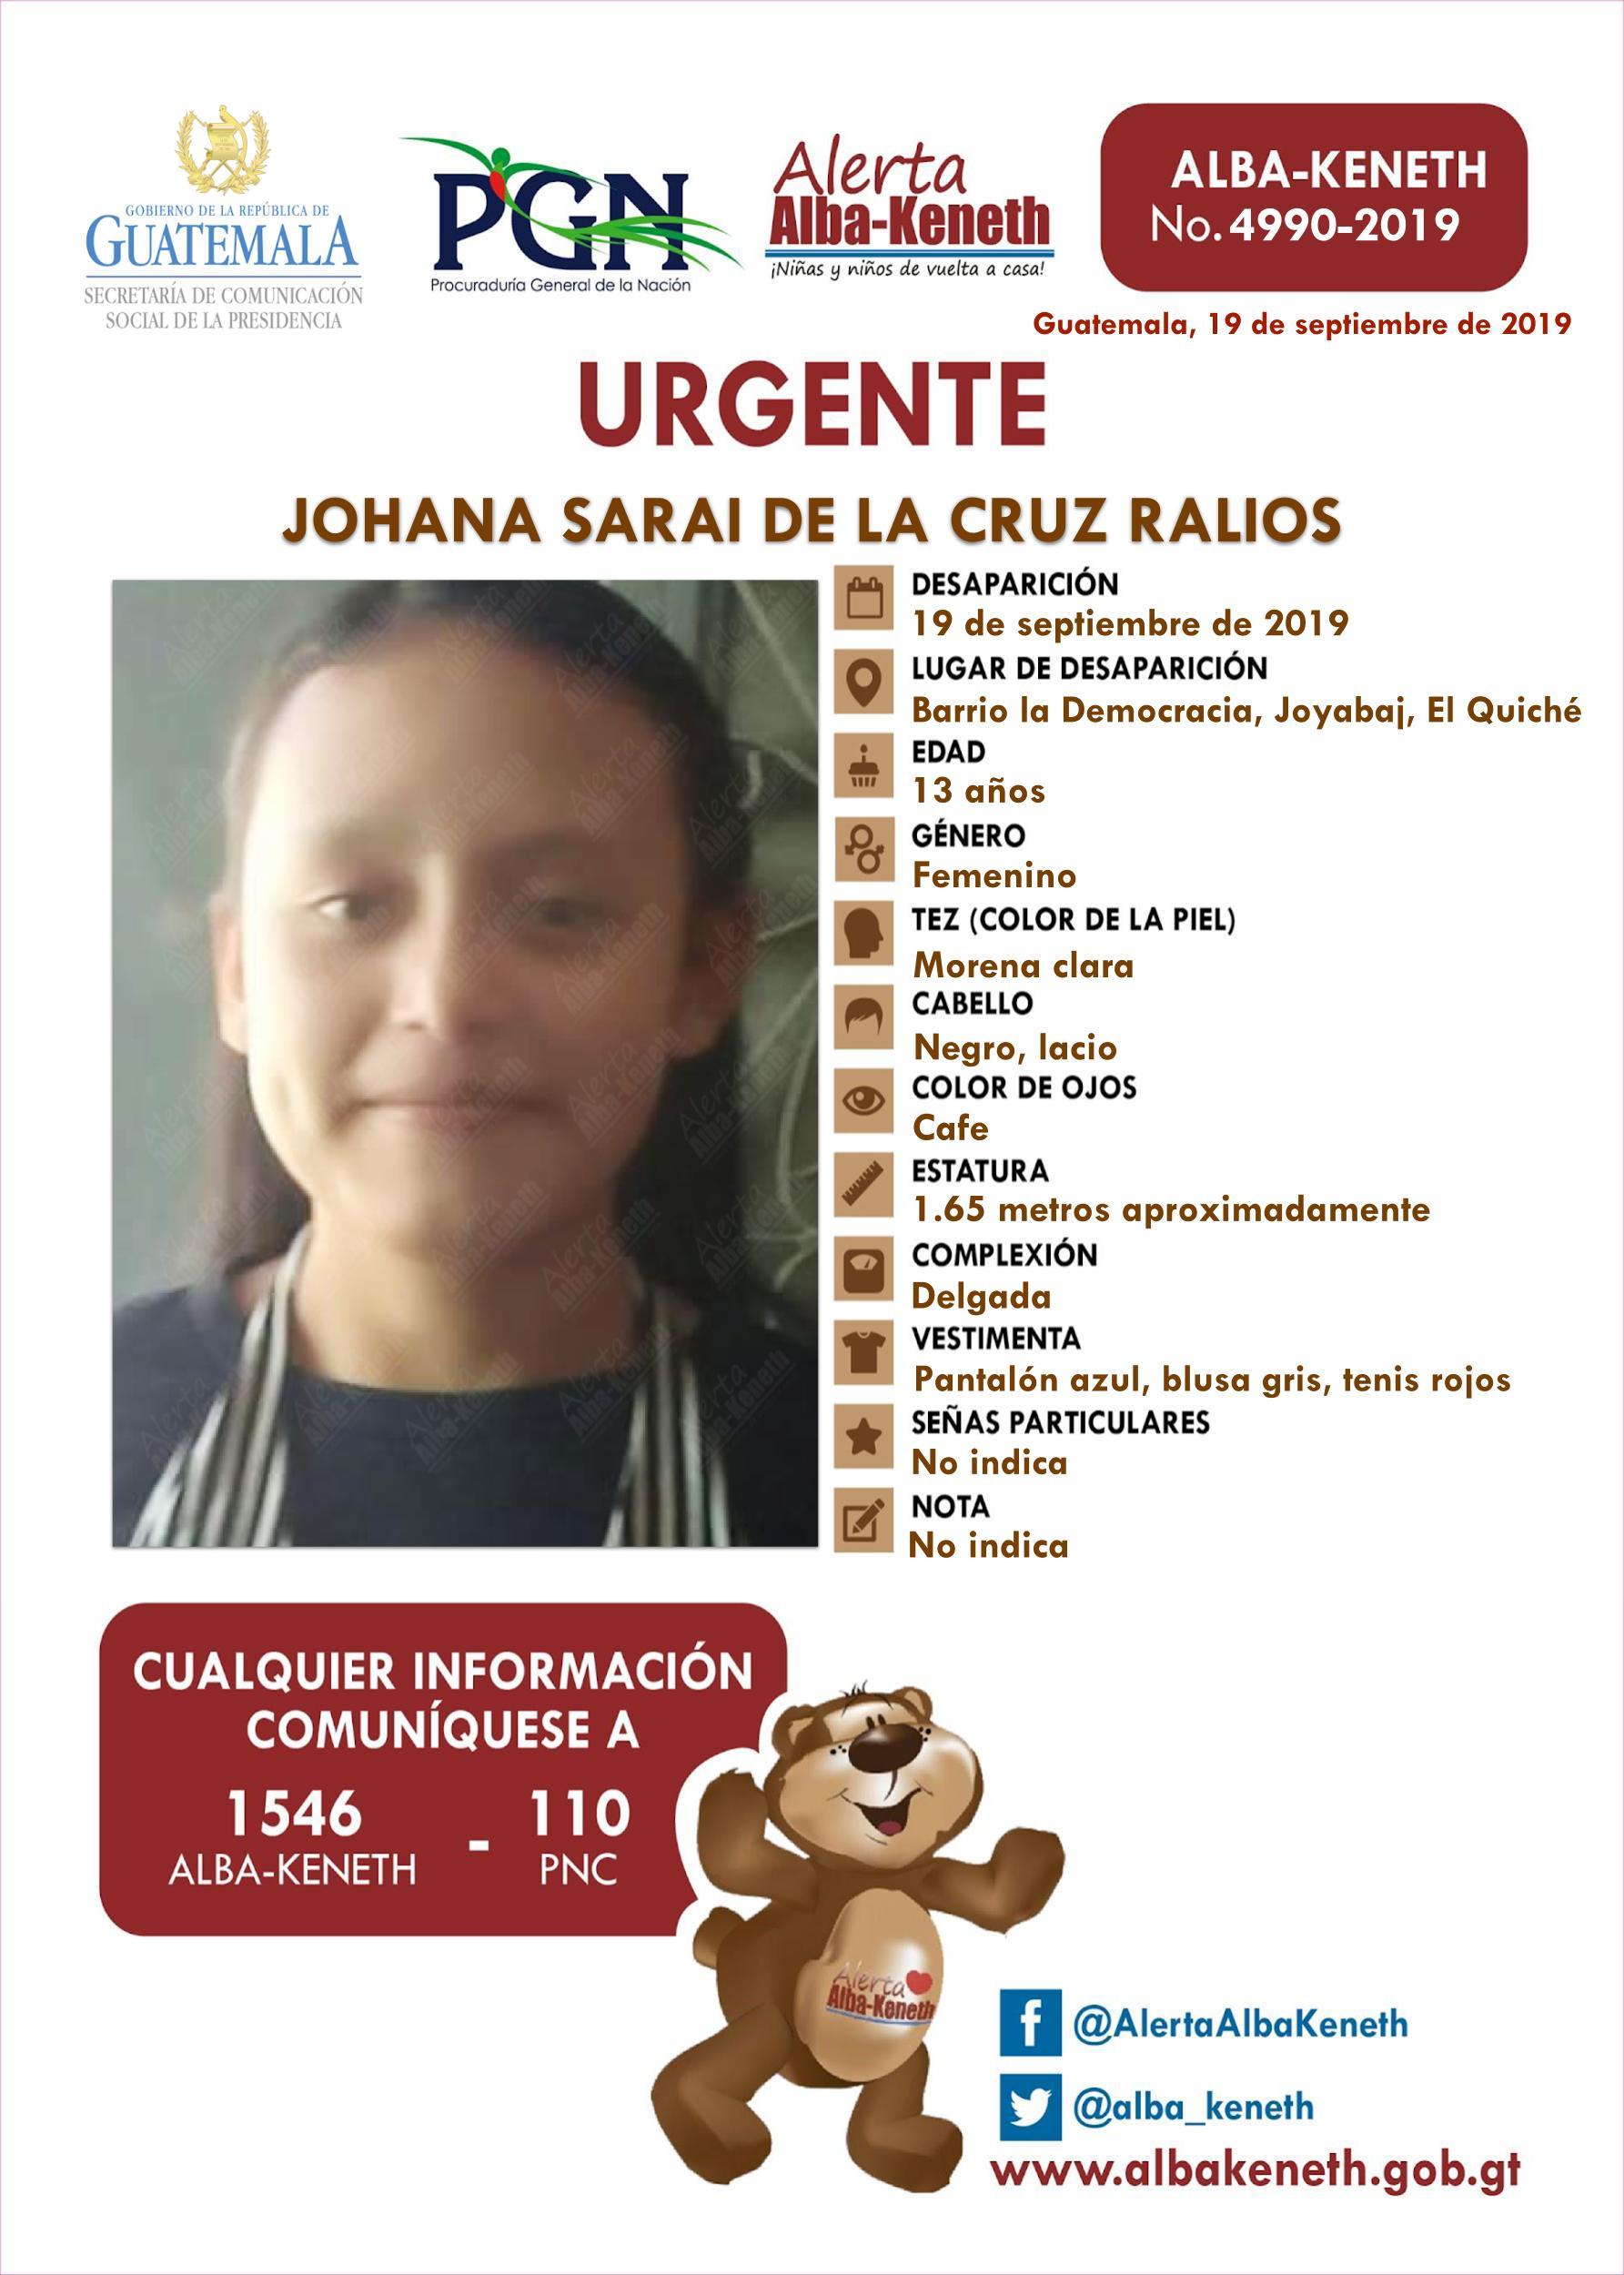 Johana Sarai de la Cruz Ralios